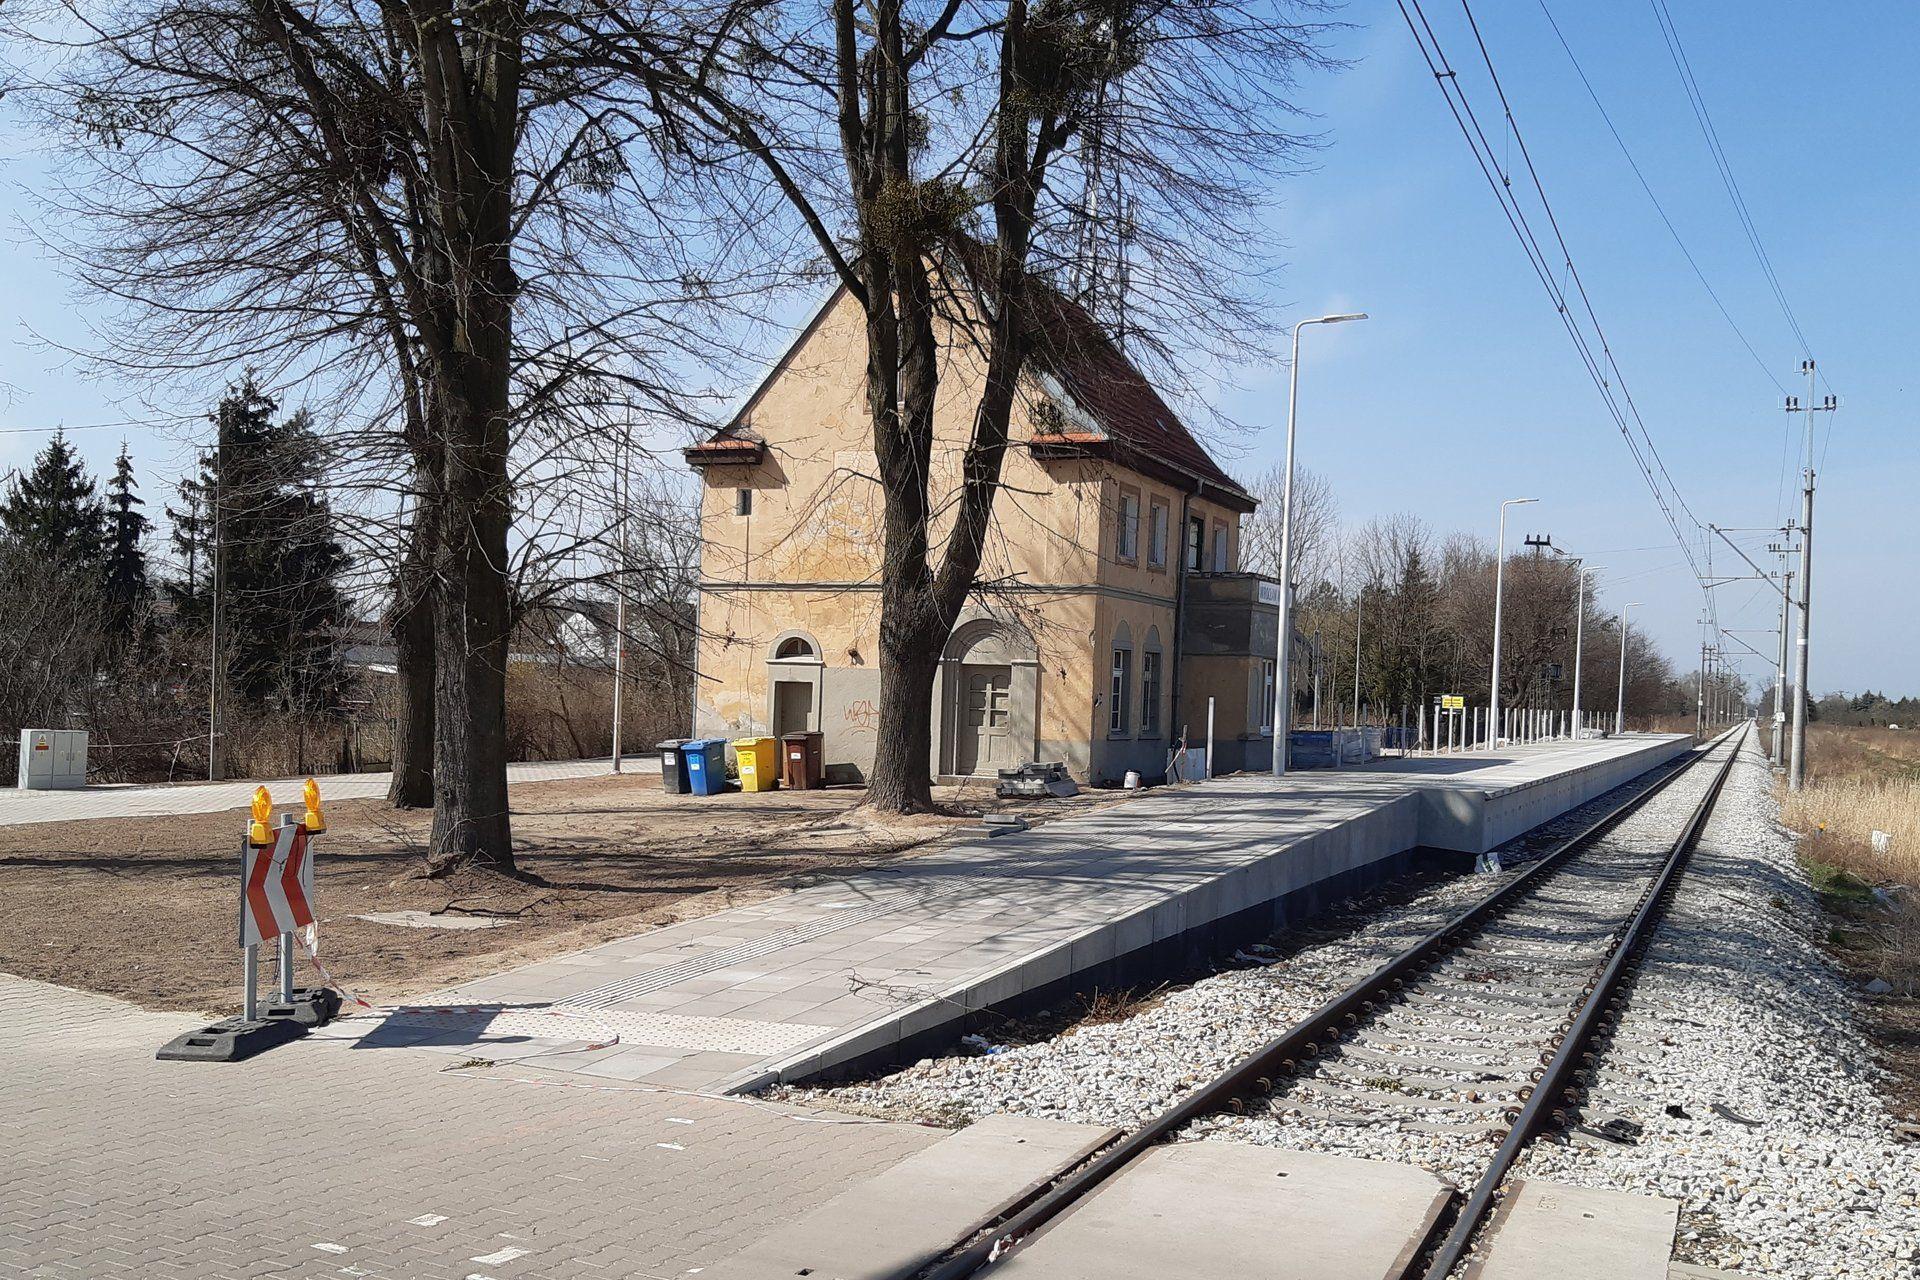 Trwa remont linii kolejowej z Wrocławia Sołtysowic do Jelcza Miłoszyc. Pociągi pasażerskie pojadą pod koniec roku